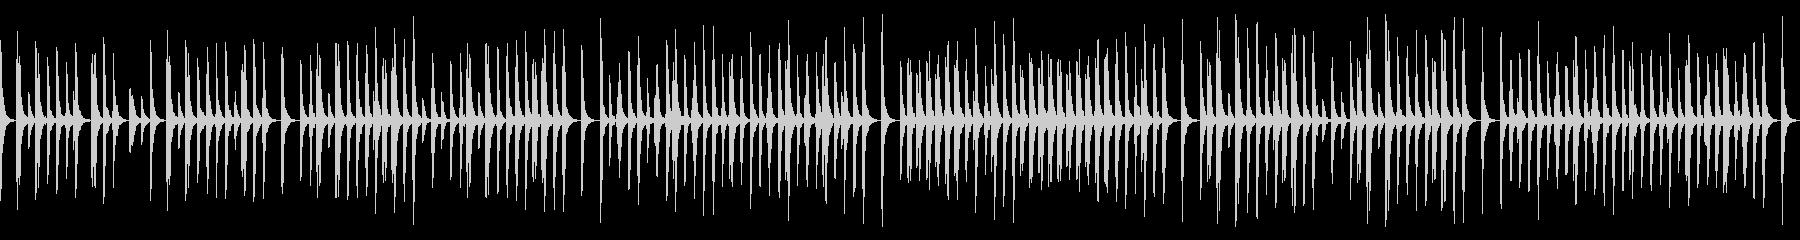 ゲームや動画向けゆるい日常系木管三重奏の未再生の波形